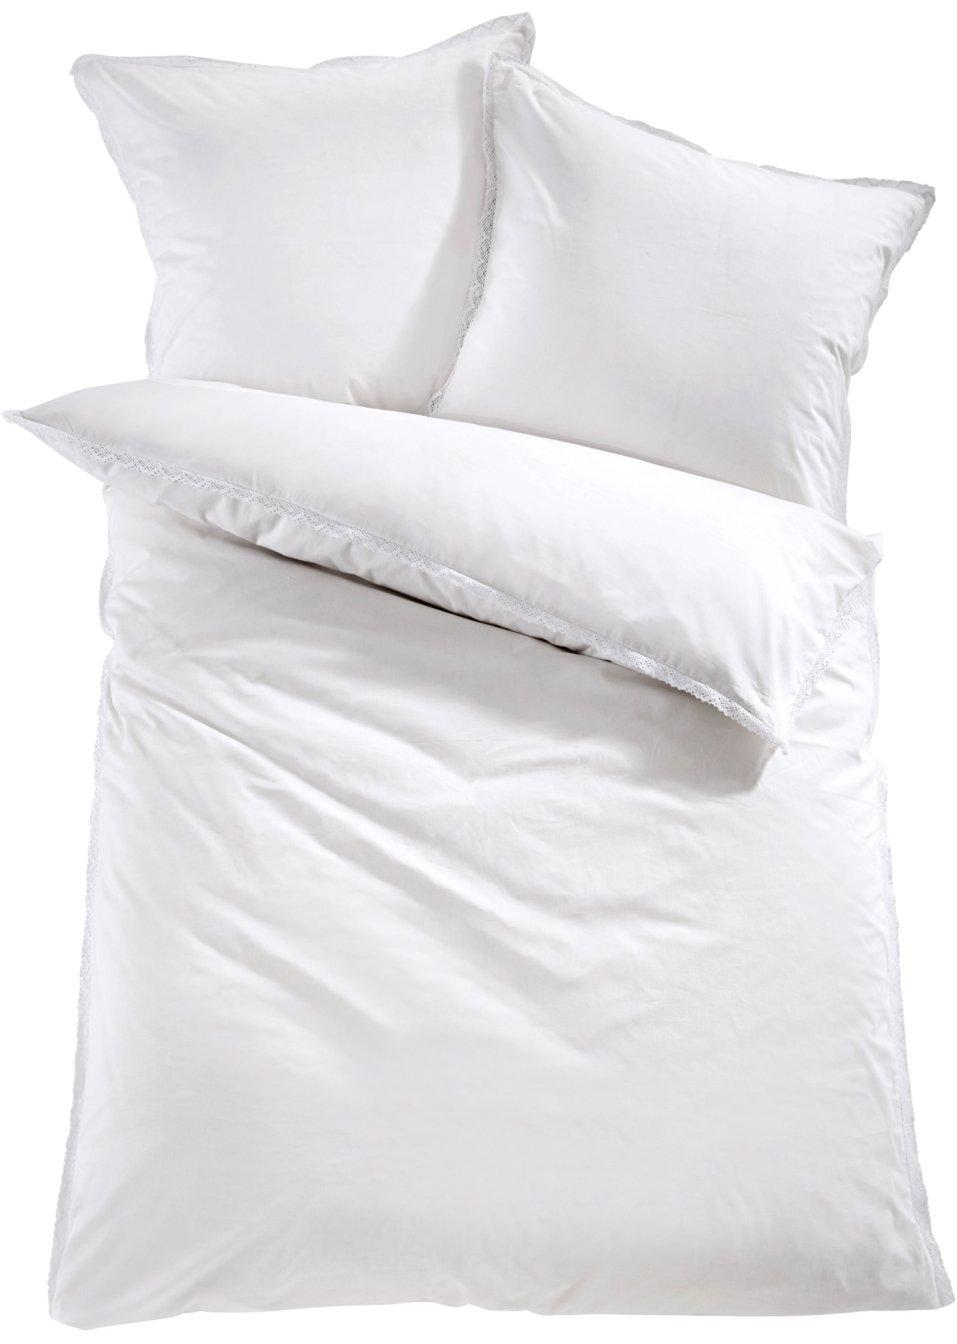 Die Romantische Bettwäsche Spitze Lädt Zum Träumen Ein Weiß